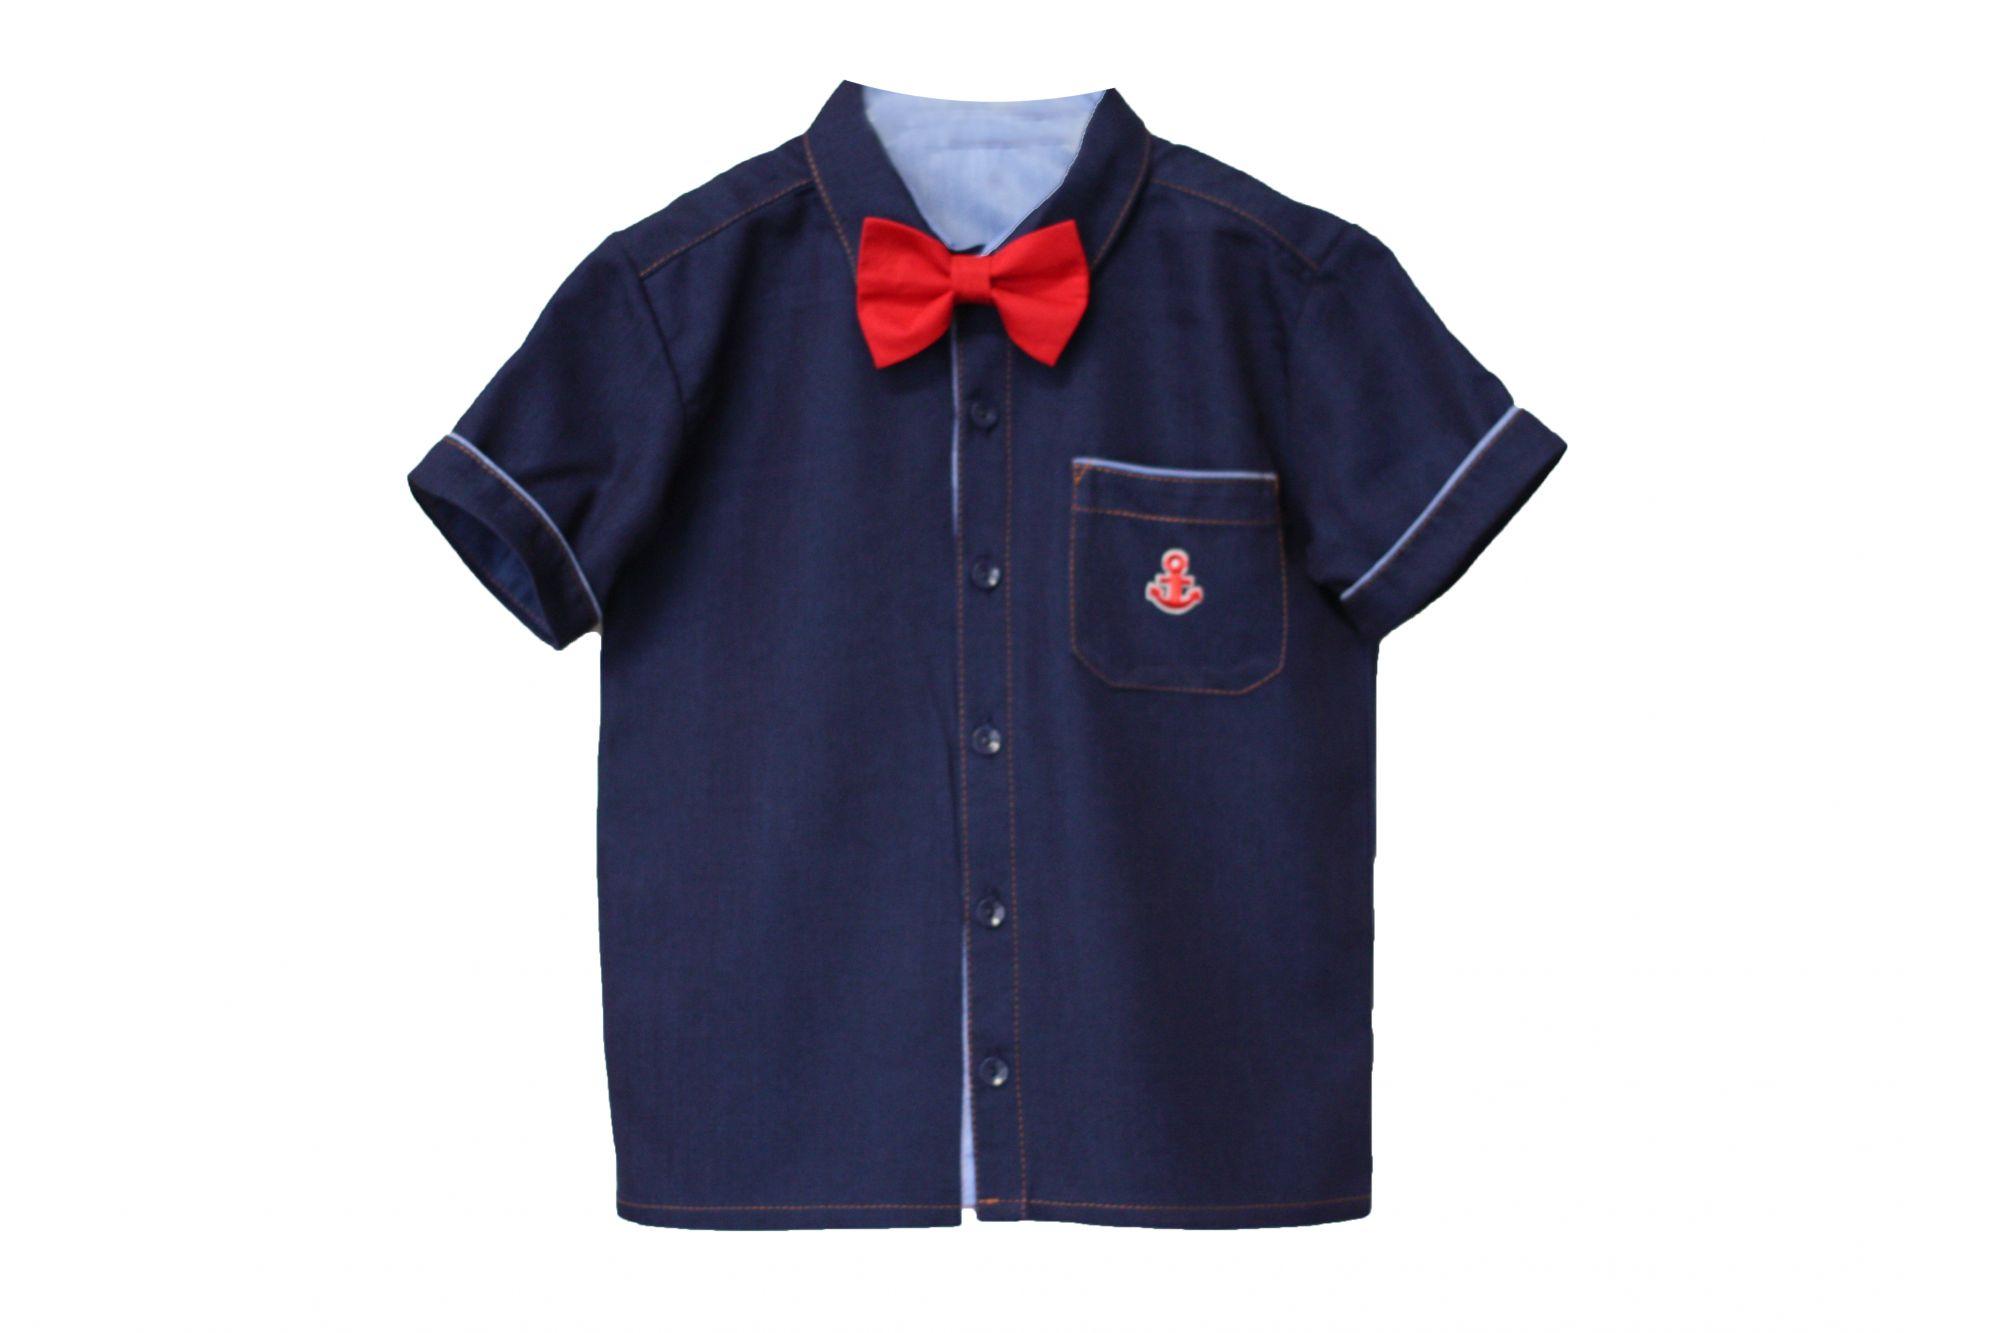 047886 Рубашка для мальчика детская (джинс)